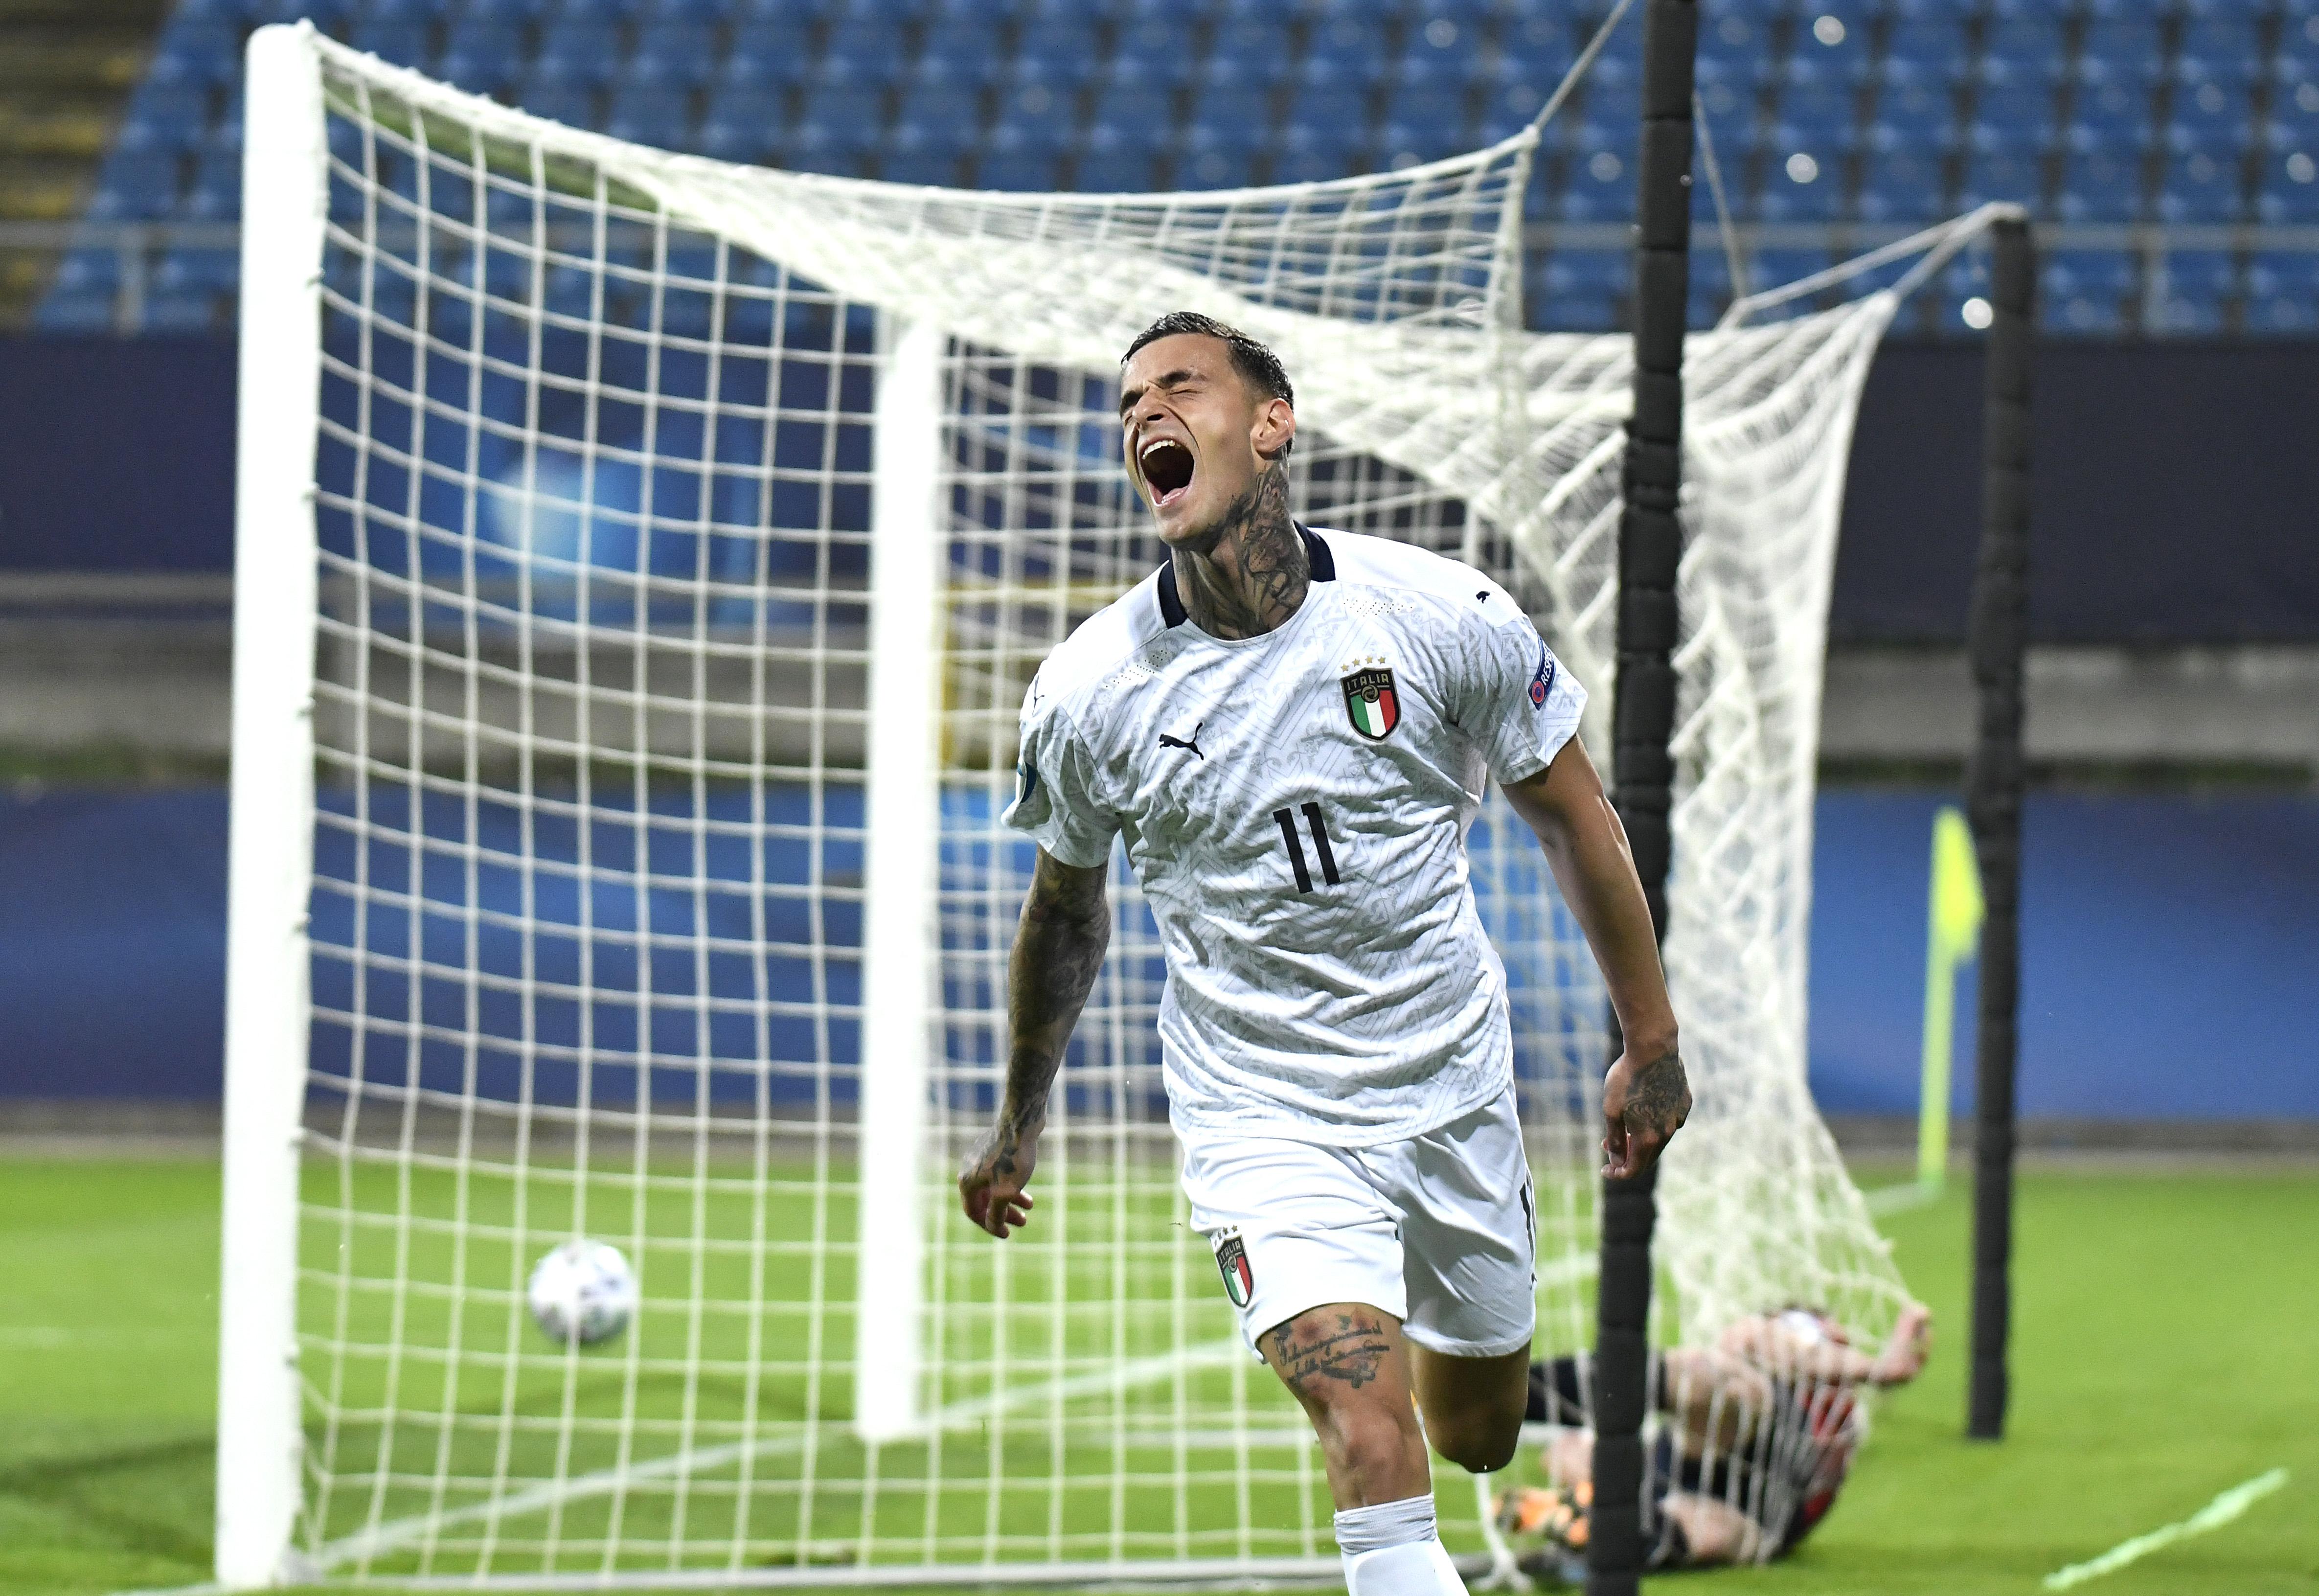 <p><strong>Джанлука Скамака</strong><br /> Държава: Италия<br /> Години: 22<br /> Позиция: нападател<br /> Отбор: Дженуа (под наем от Сасуоло)<br /> Джанлука отбелязва 6 гола и 2 асистенции в общо 9 мача в европейските квалификации. С участието си в Серия А този сезон той отбелязва 4 гола в 19 участия. През януари Ювентус проявяват интерес към футболиста и искат да го купят за 20-25 милиона евро, но преговорите се разпадат. &nbsp;</p>